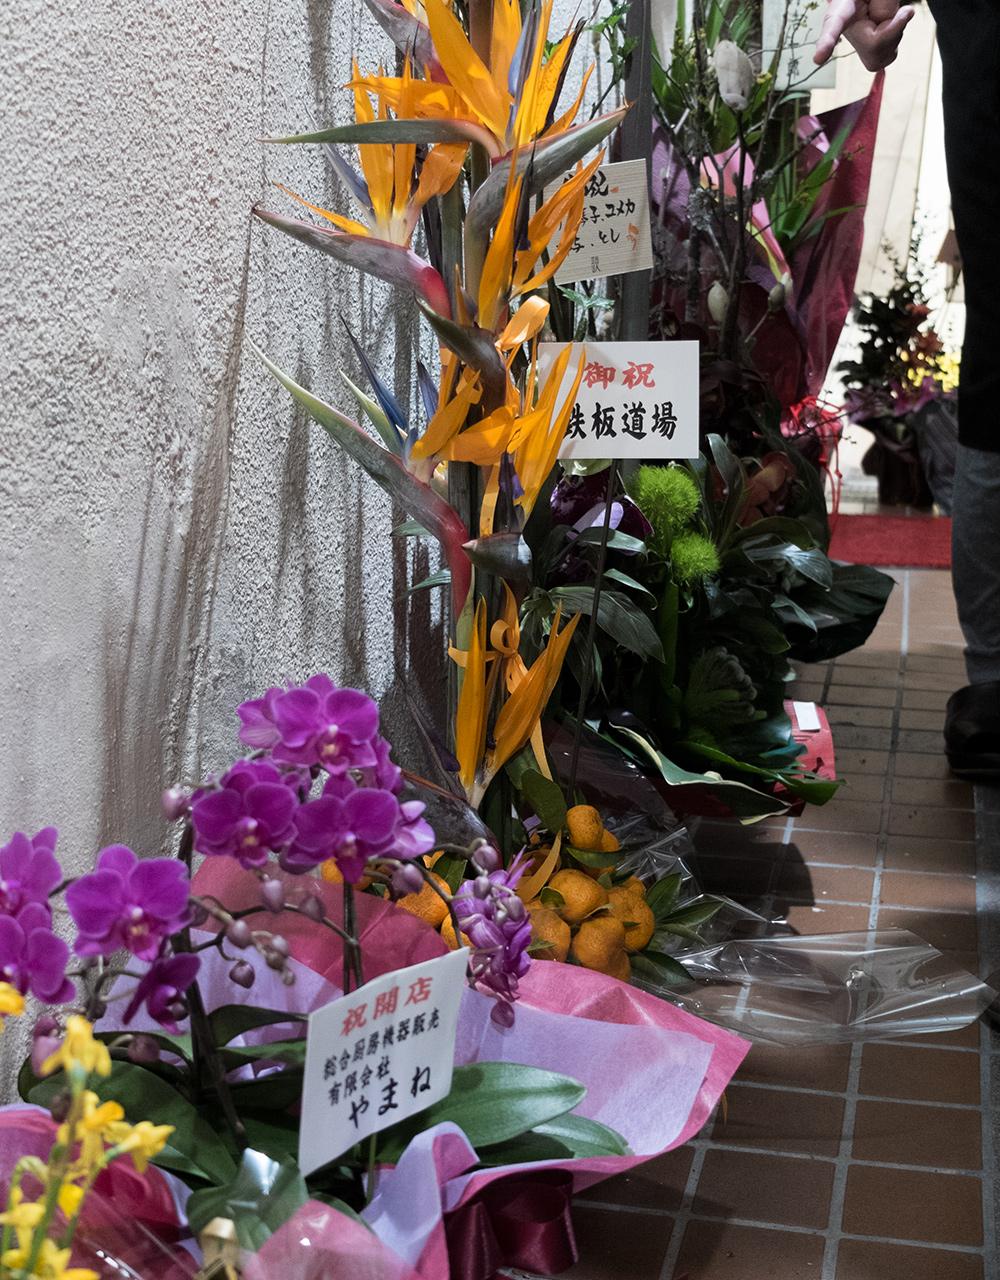 Fleurs offertes par les commerçants et amis proches pour l'ouverture d'un commerce au Japon